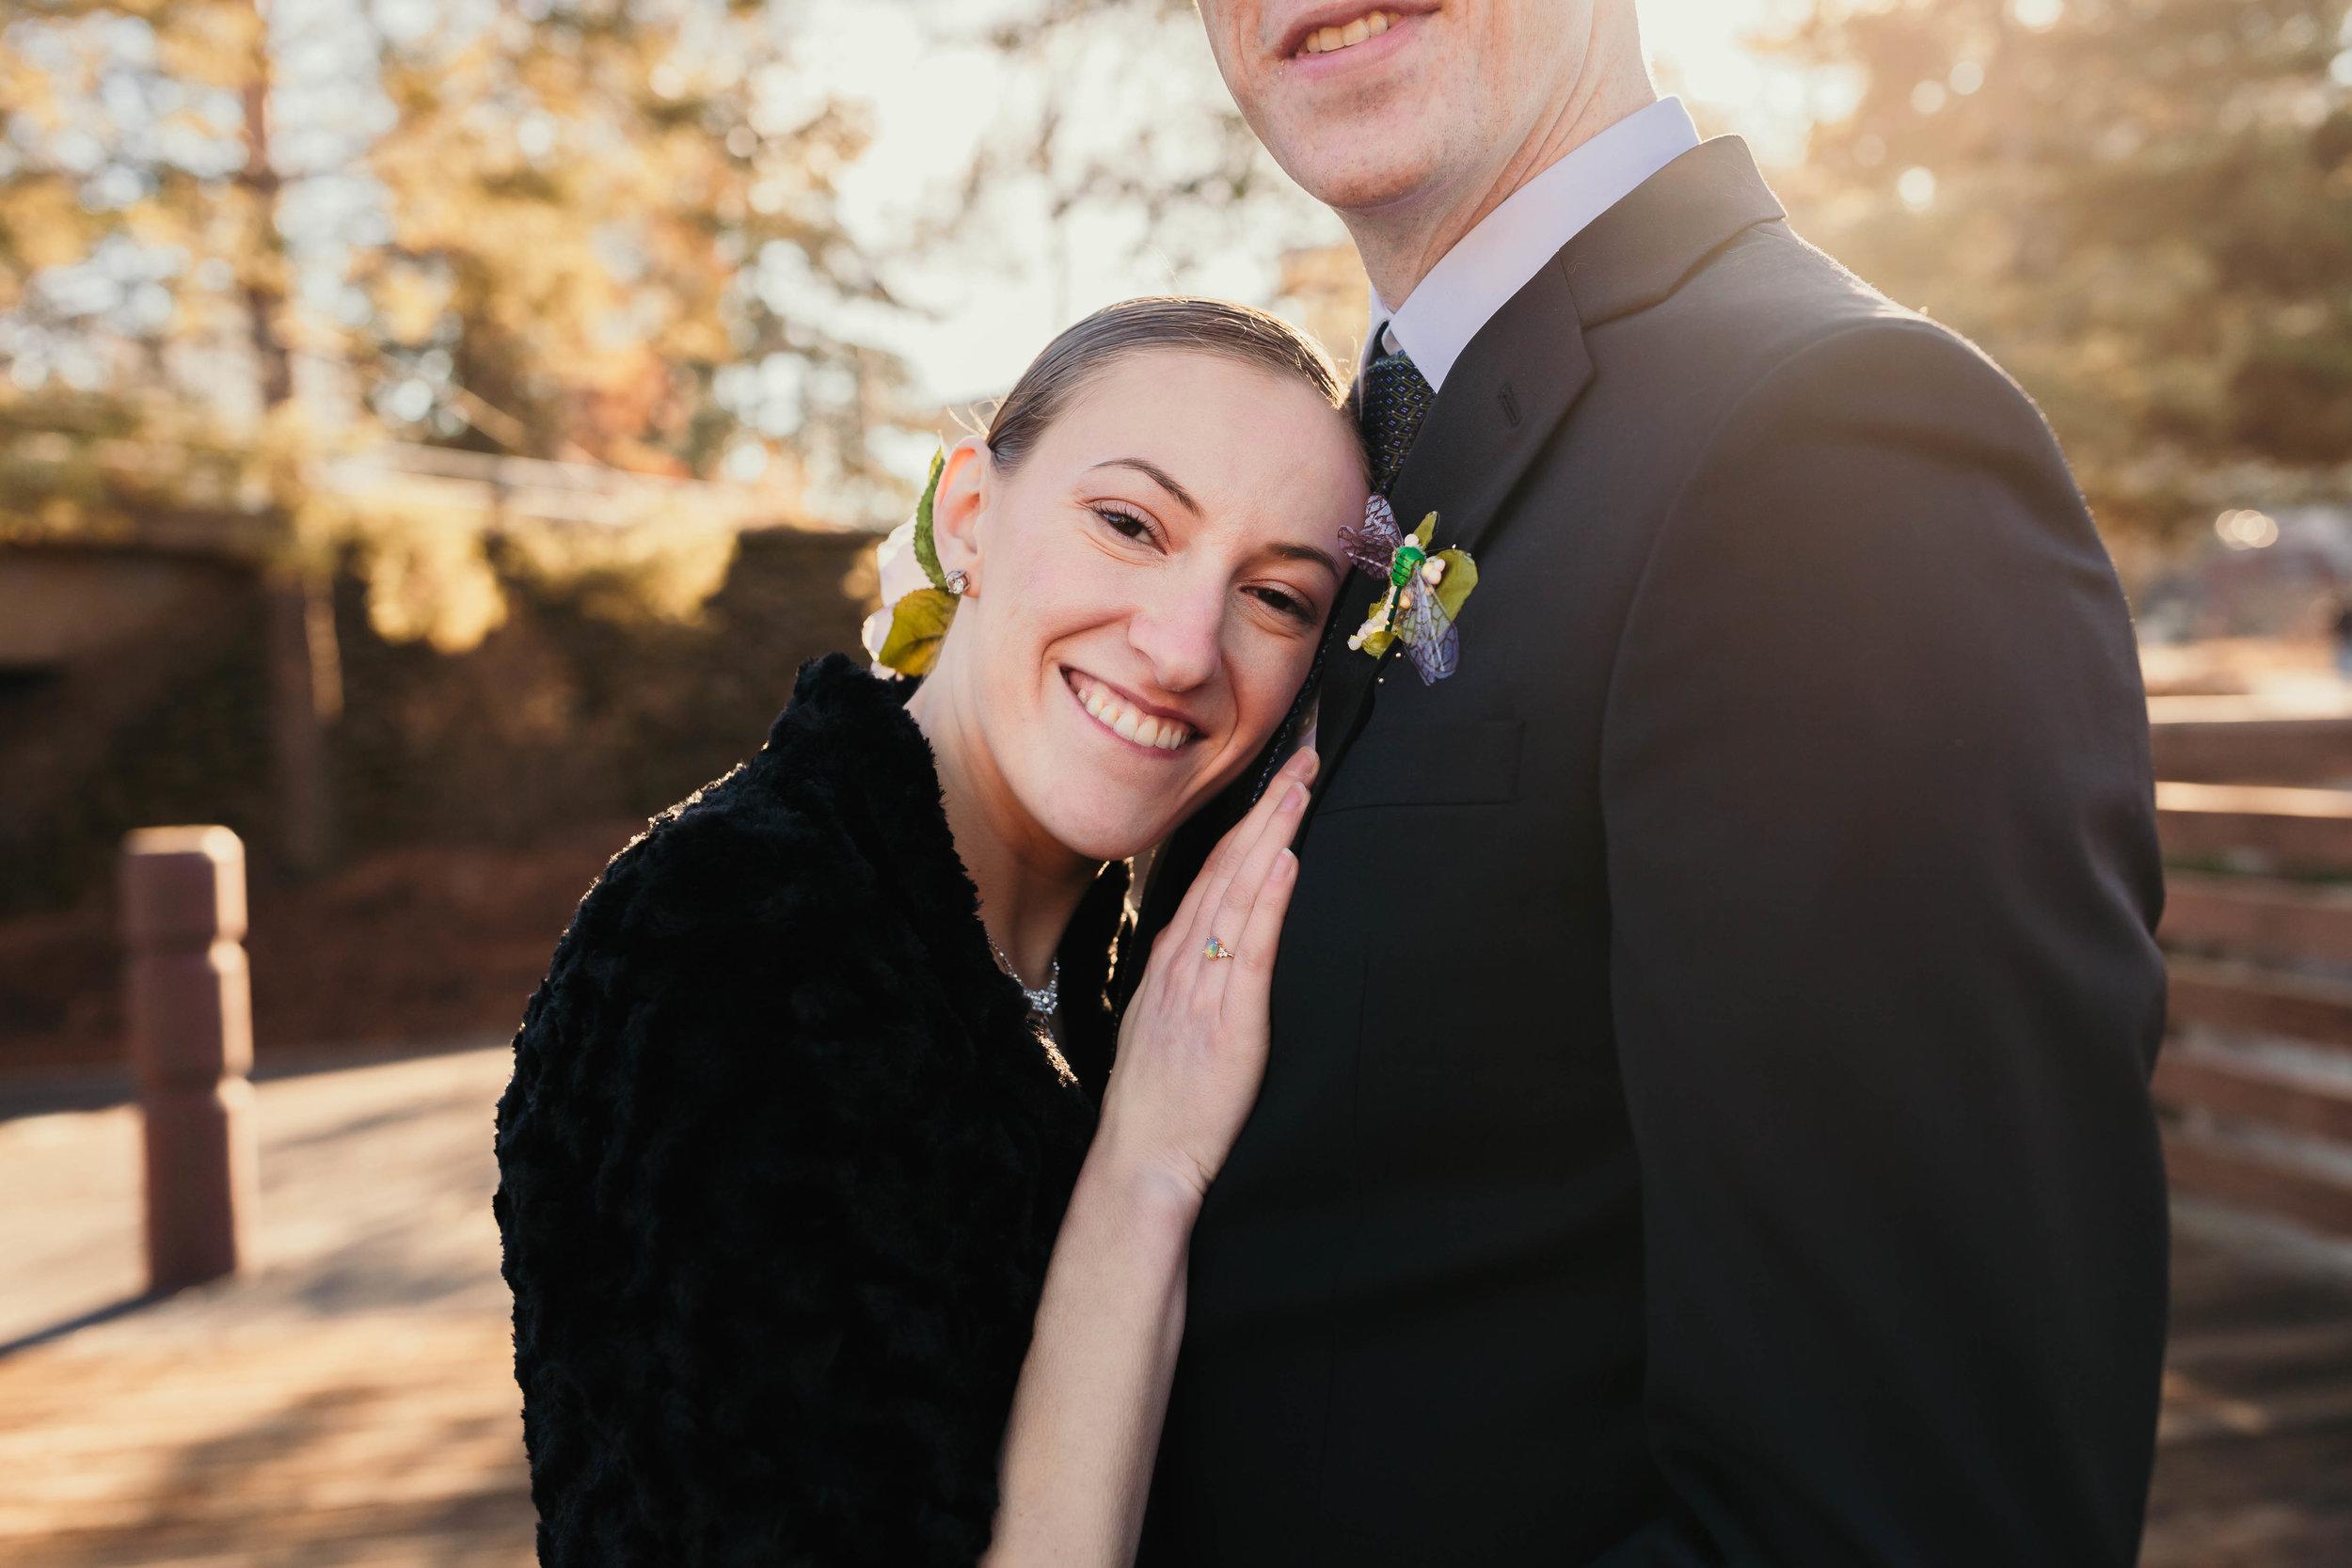 izzy+jacob-weddingsneakpeekblog-78.jpg